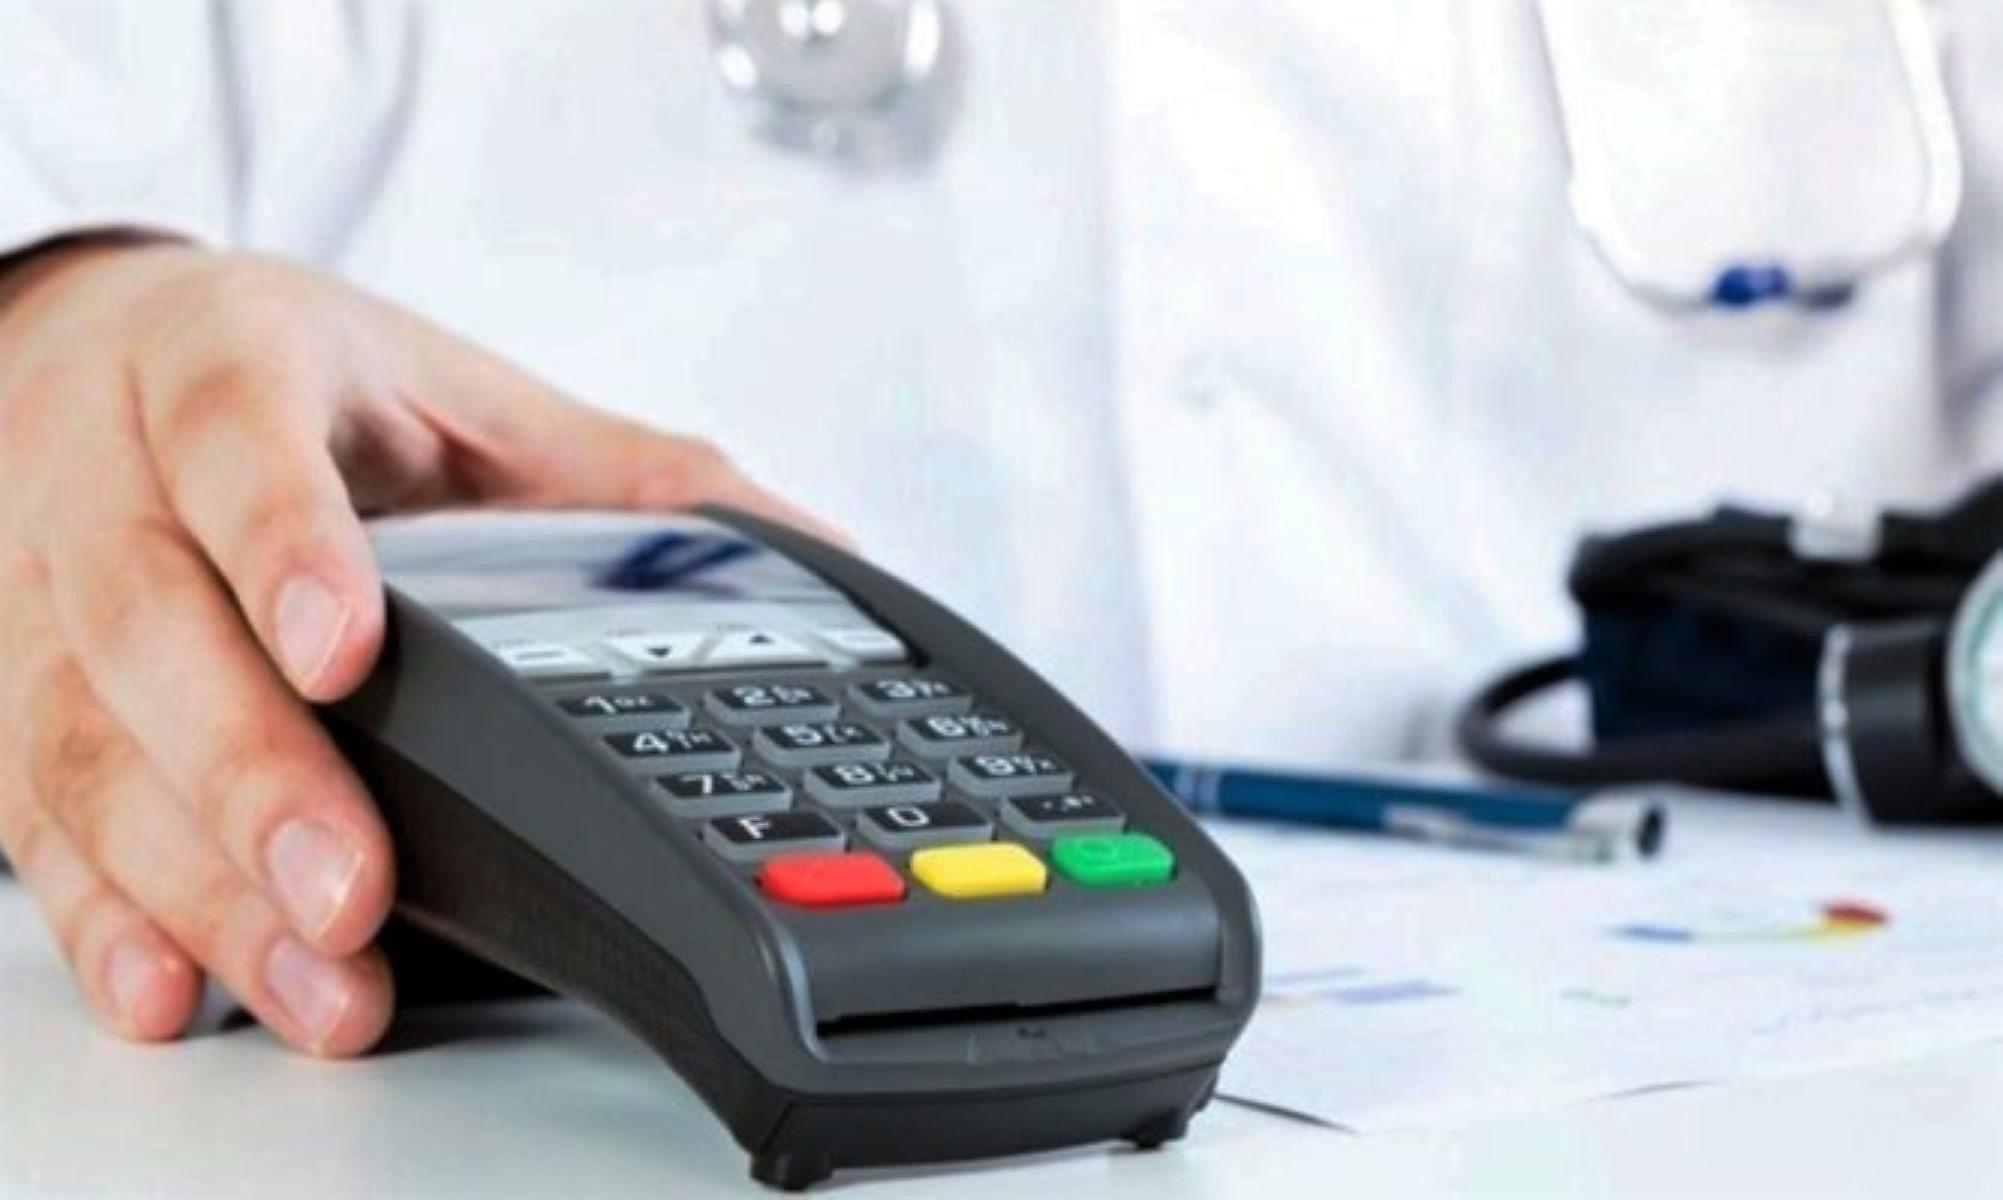 Ηλεκτρονικές αποδείξεις: Οι e-αποδείξεις ιατρικών εξόδων για μεγαλύτερη έκπτωση στους φόρους